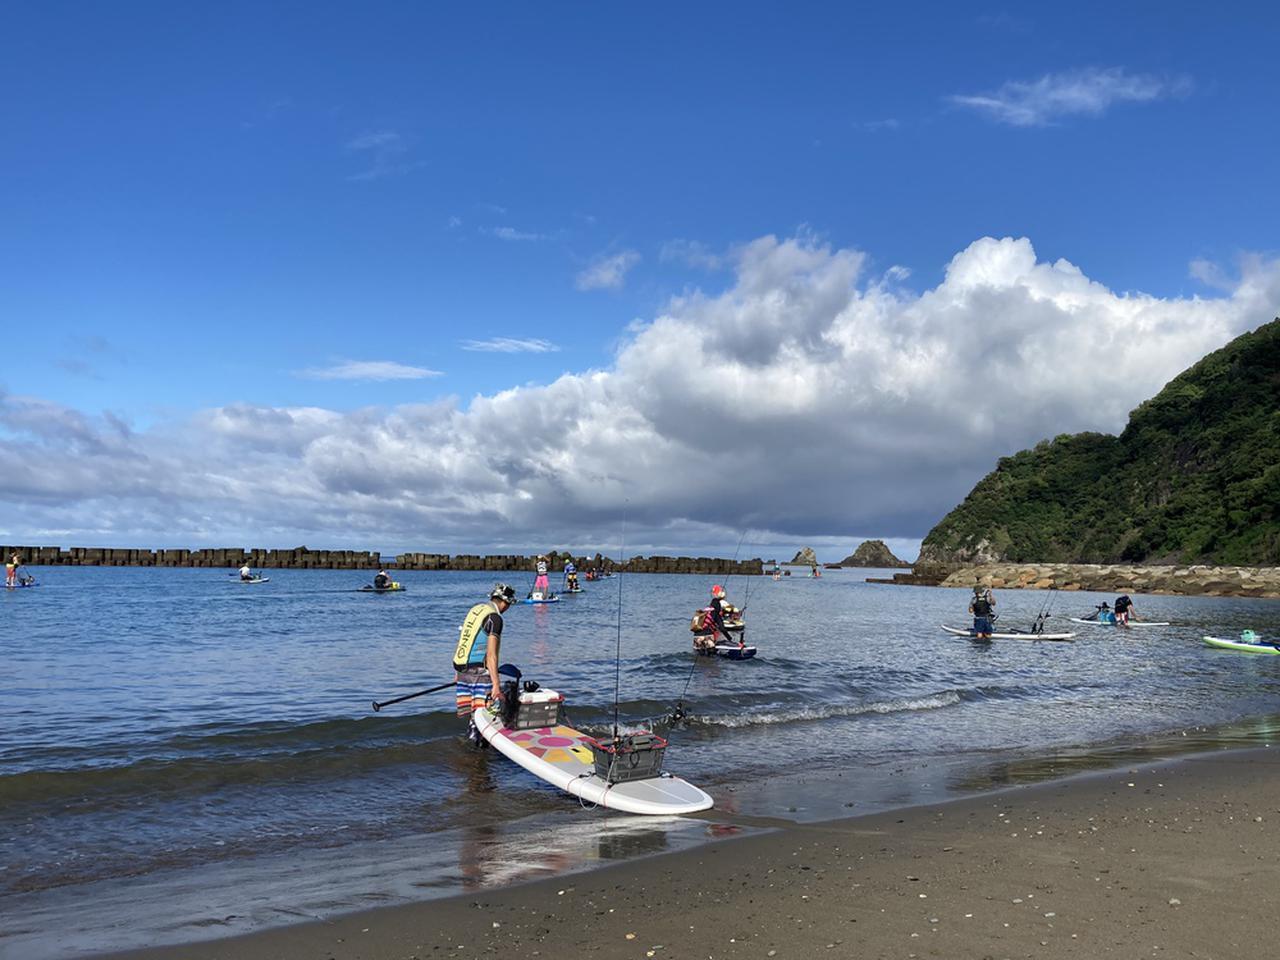 画像: RVパーク施設情報|宇久須キャンプ場RVパーク(静岡県)|くるま旅サイト